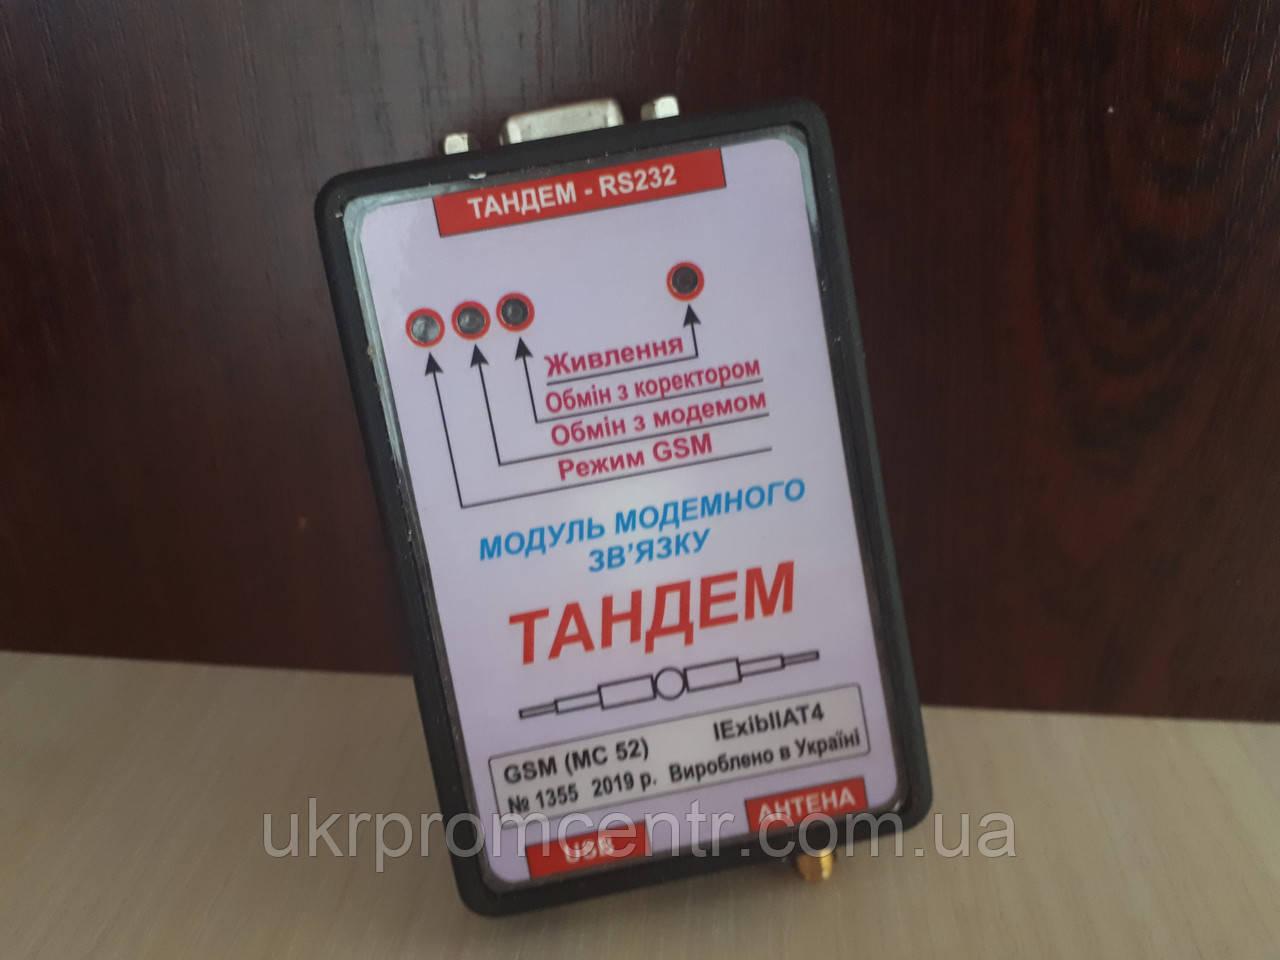 Модуль модемного зв'язку Тандем